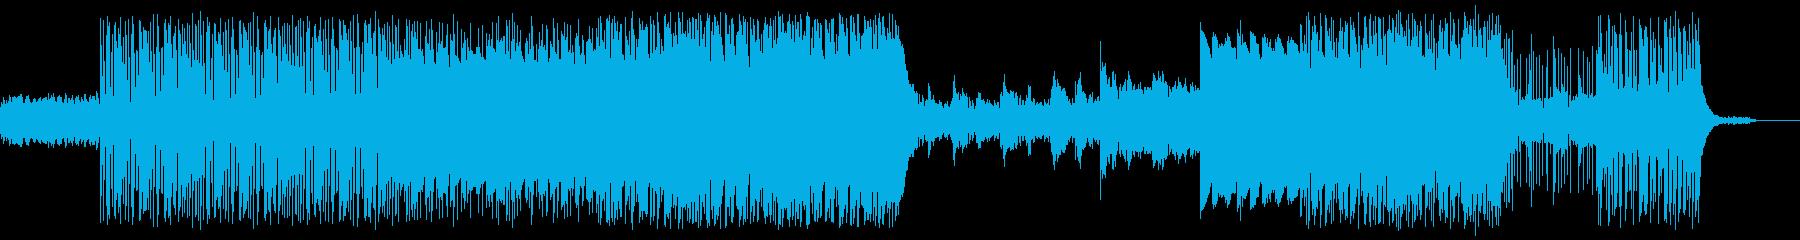 バックグラウンドサウンドトラックス...の再生済みの波形